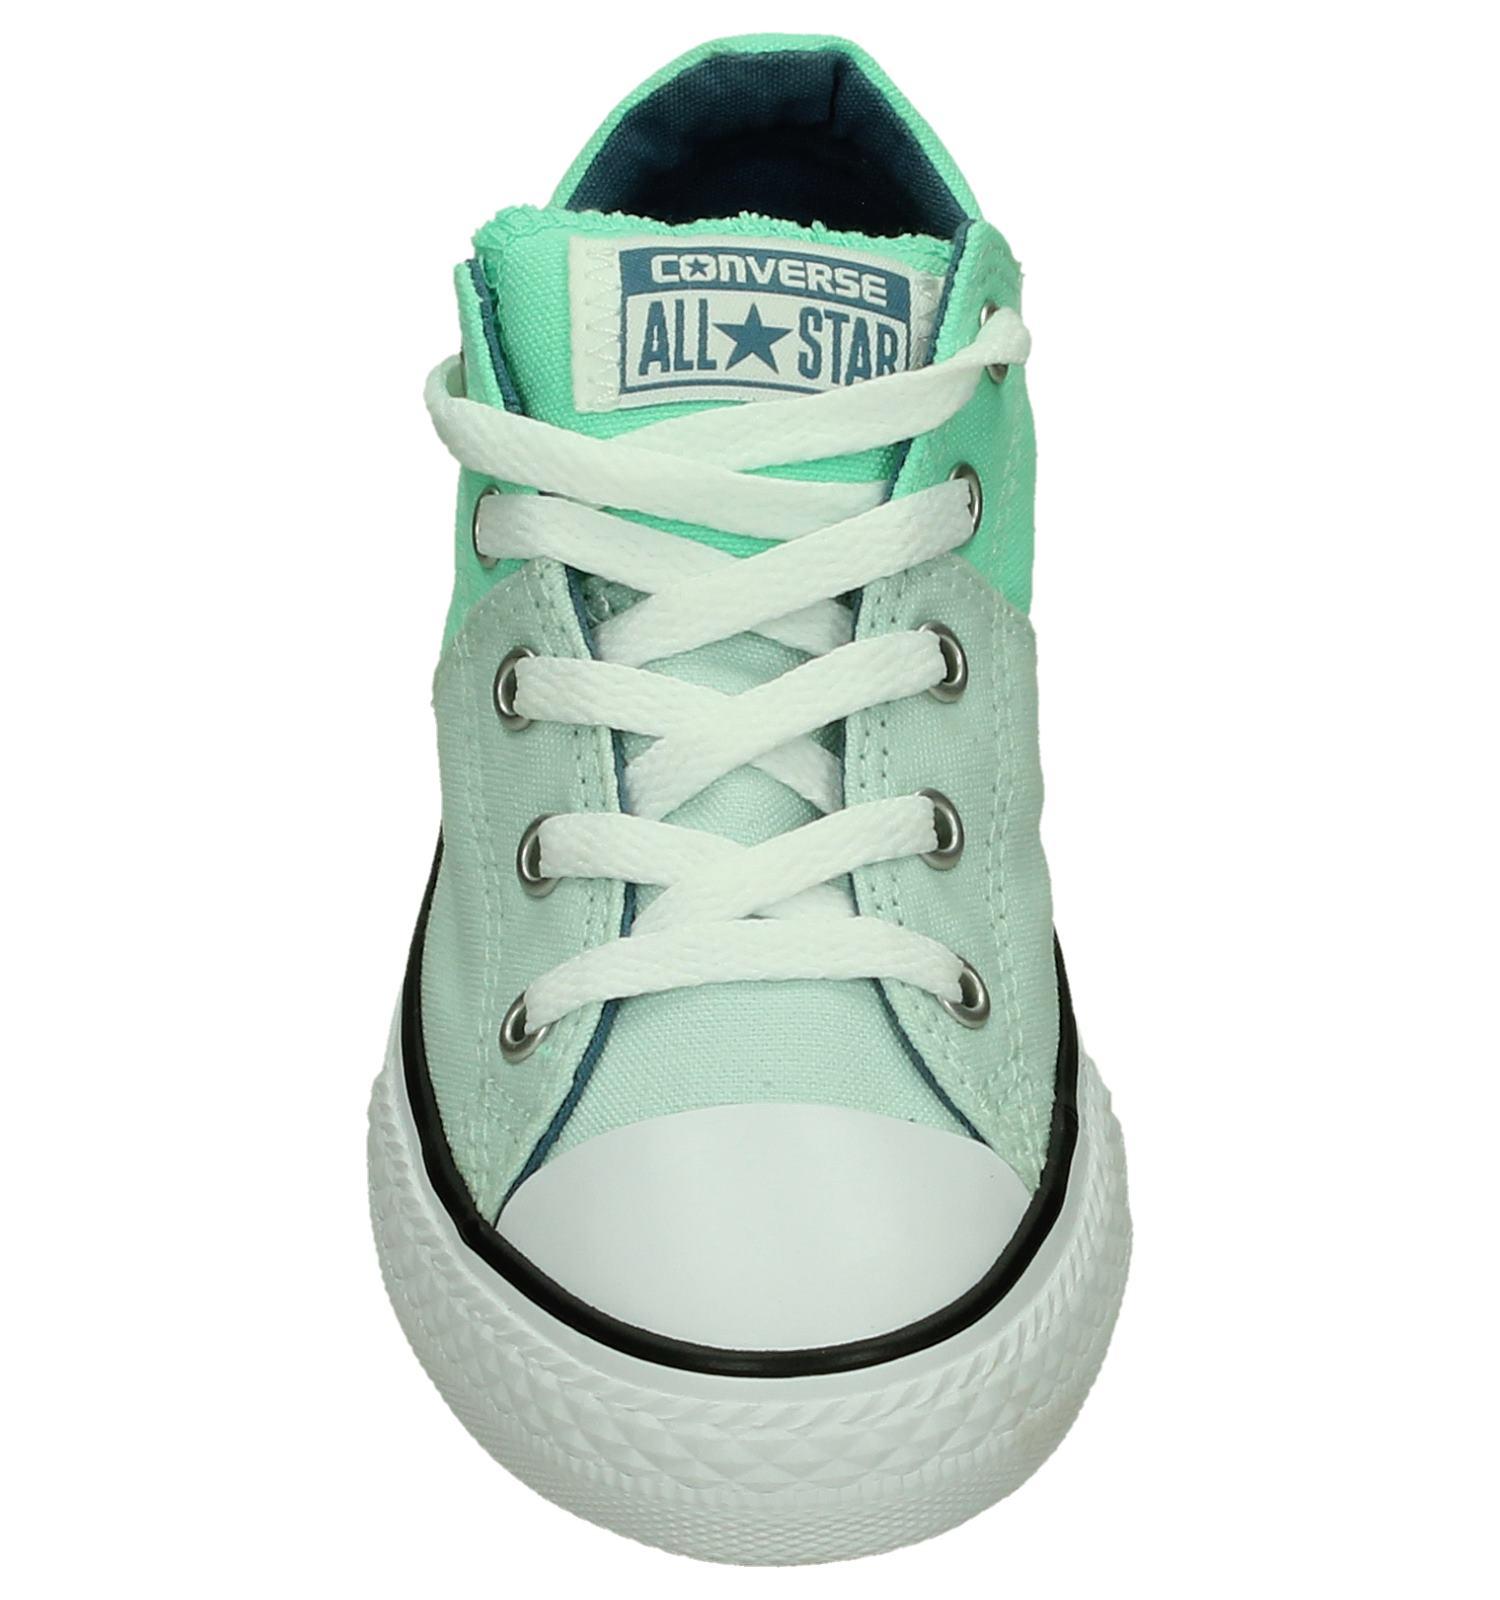 8d35fdc1b9d Sneakers Licht Groen Converse Chuck Taylor All Star Madison | TORFS.BE |  Gratis verzend en retour